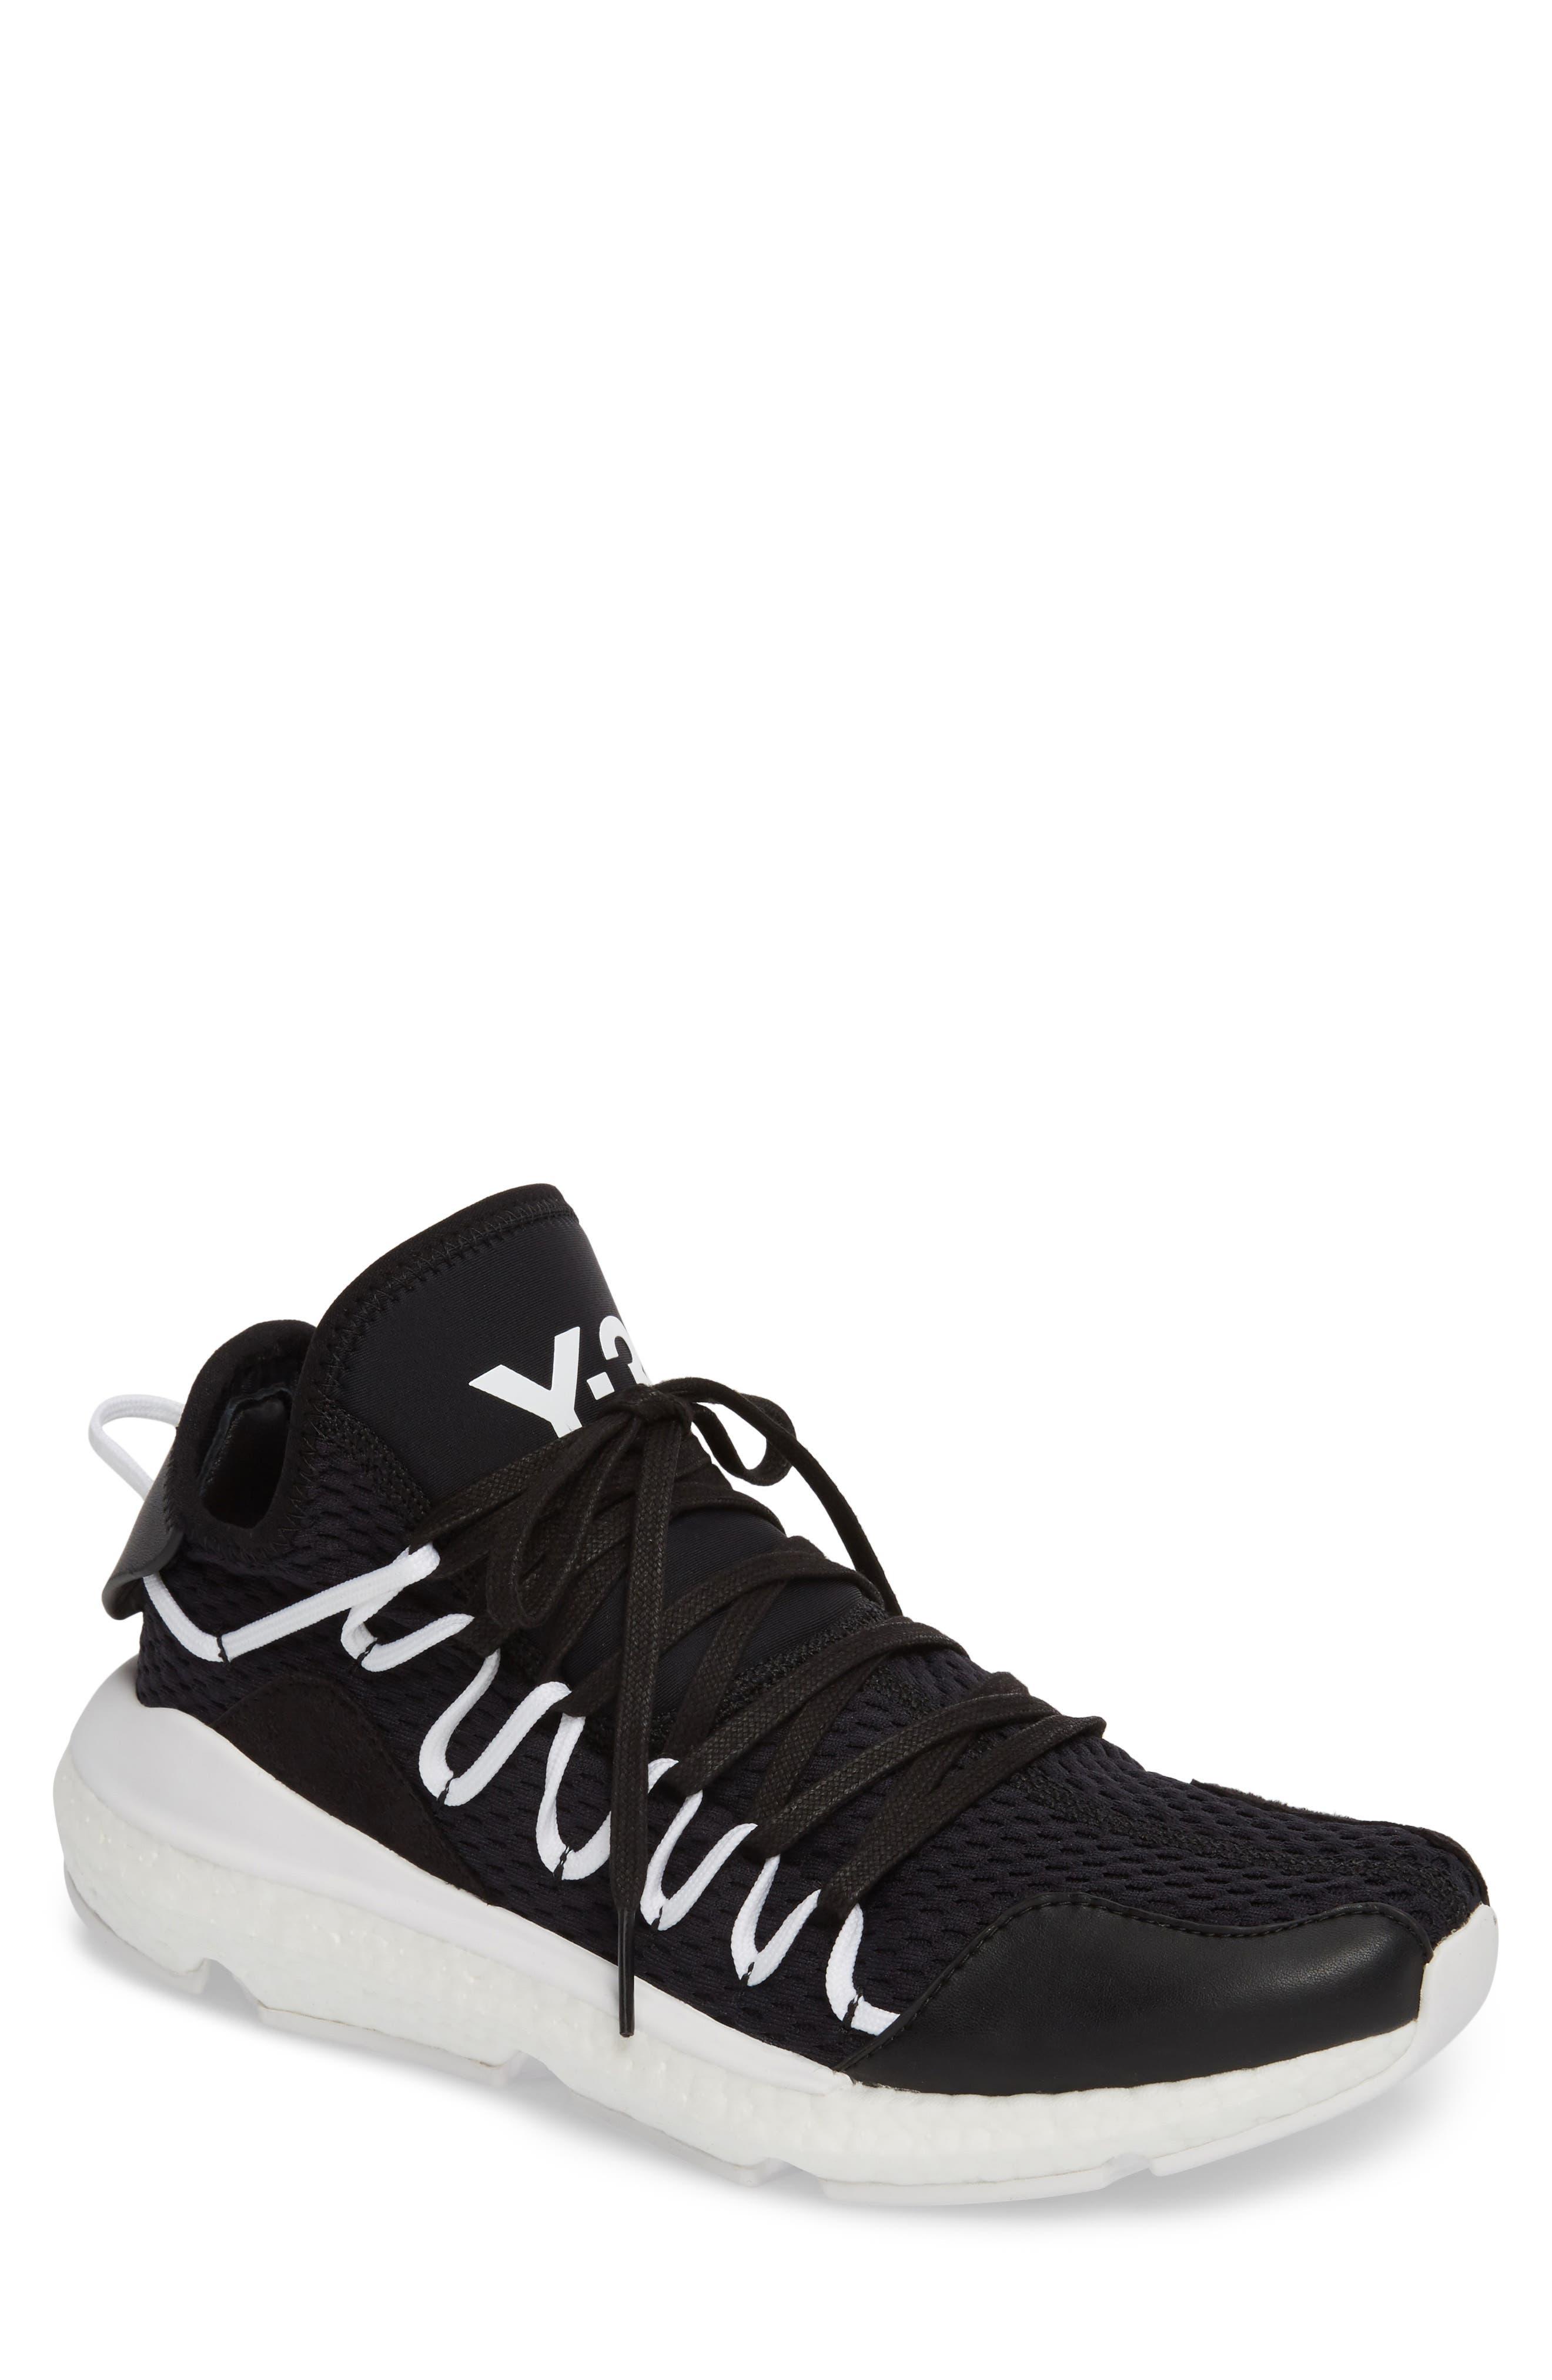 x adidas Kusari Sneaker,                             Main thumbnail 1, color,                             Black